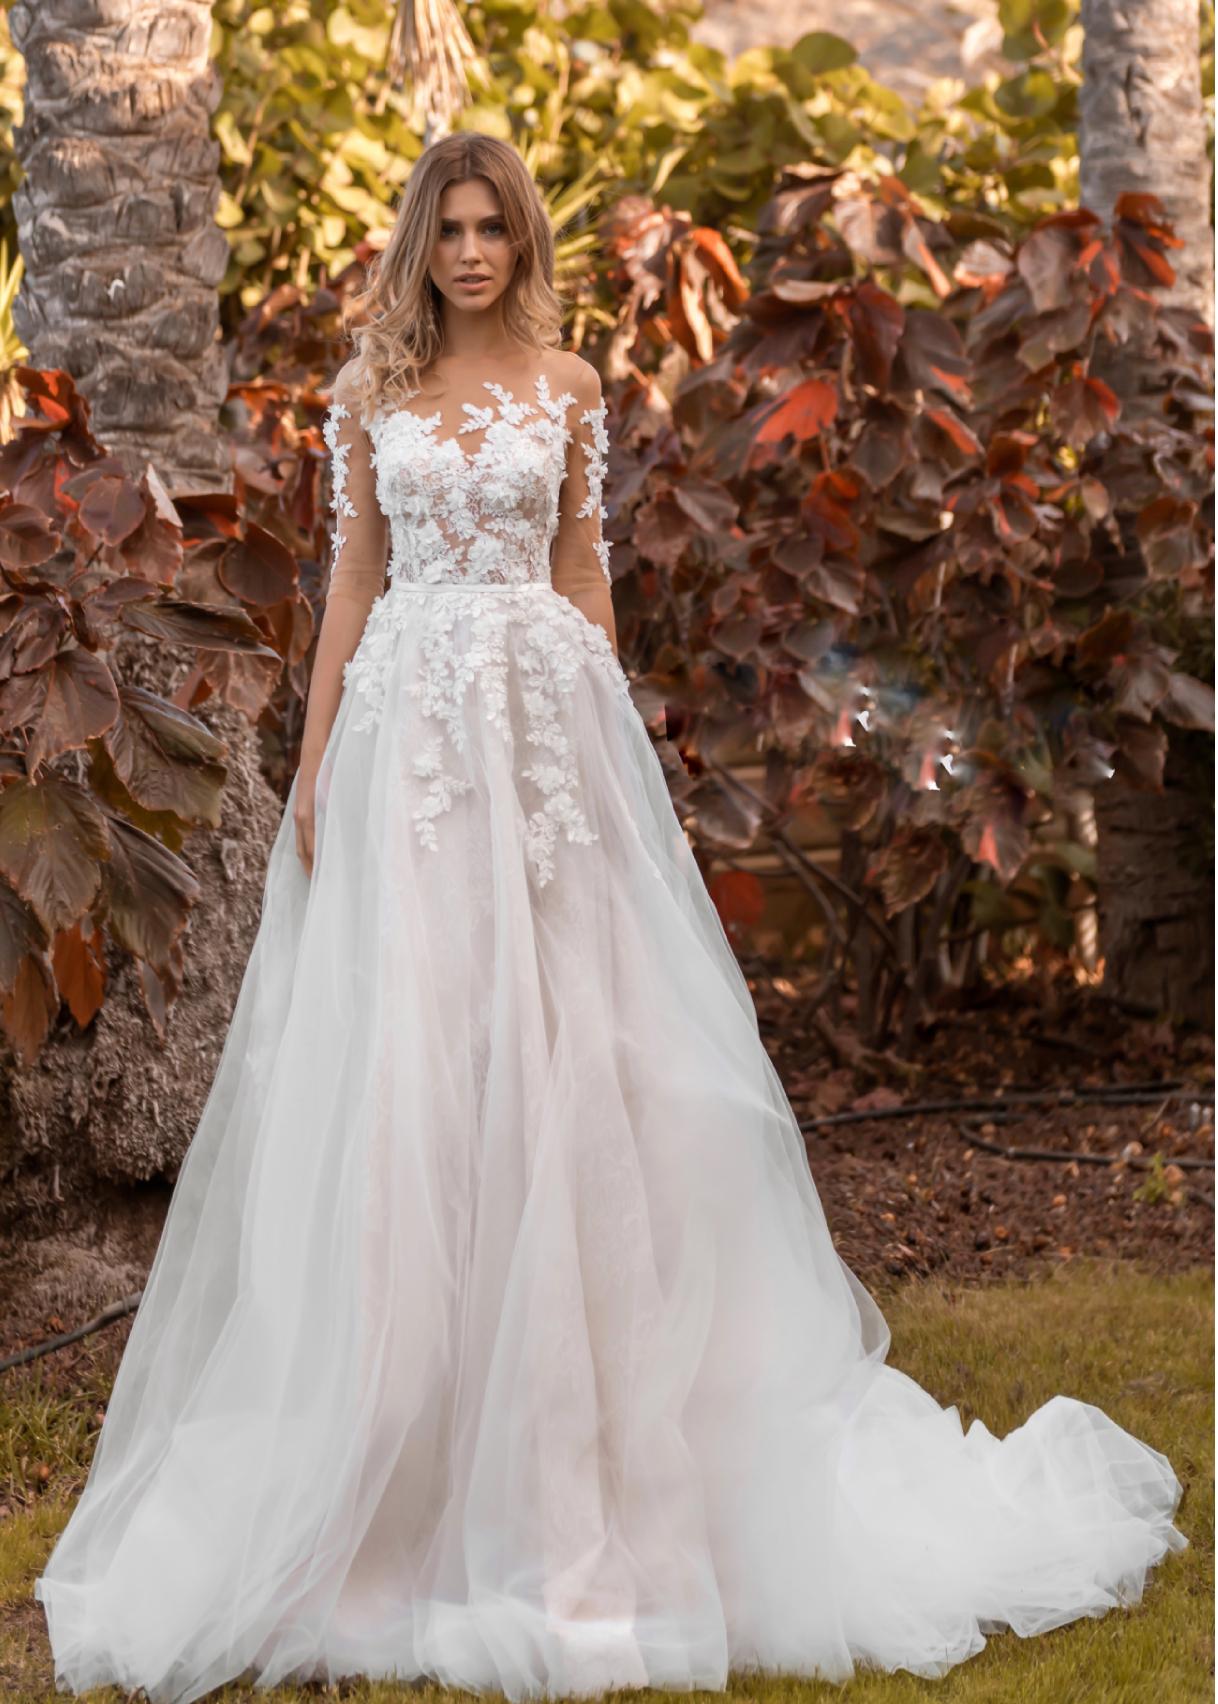 258e2403886 Купить свадебное платье в Минске недорого - каталог